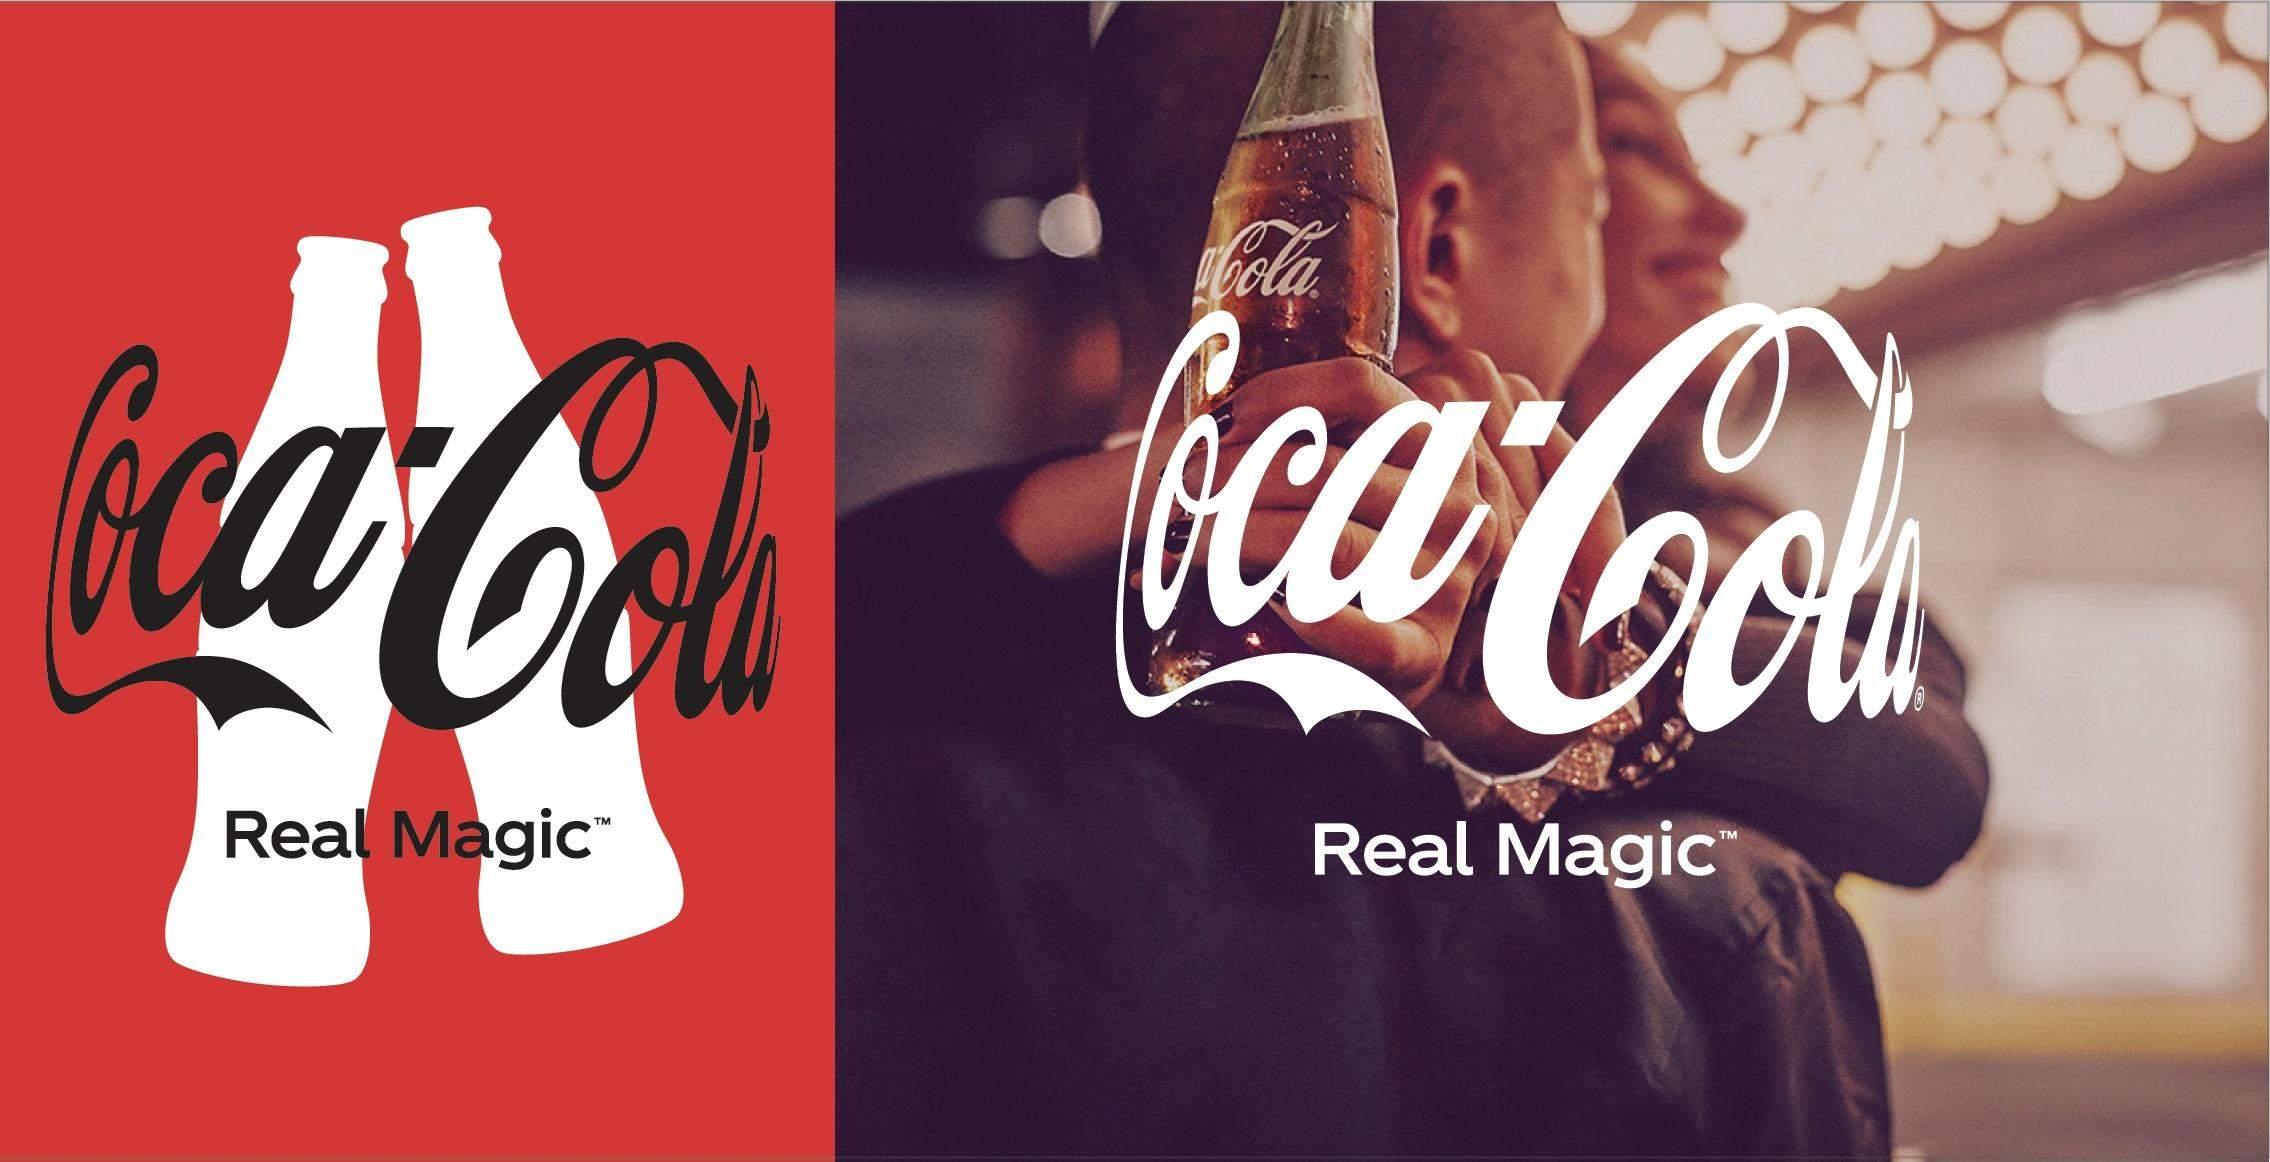 Компанія Coca-Cola представила новий логотип